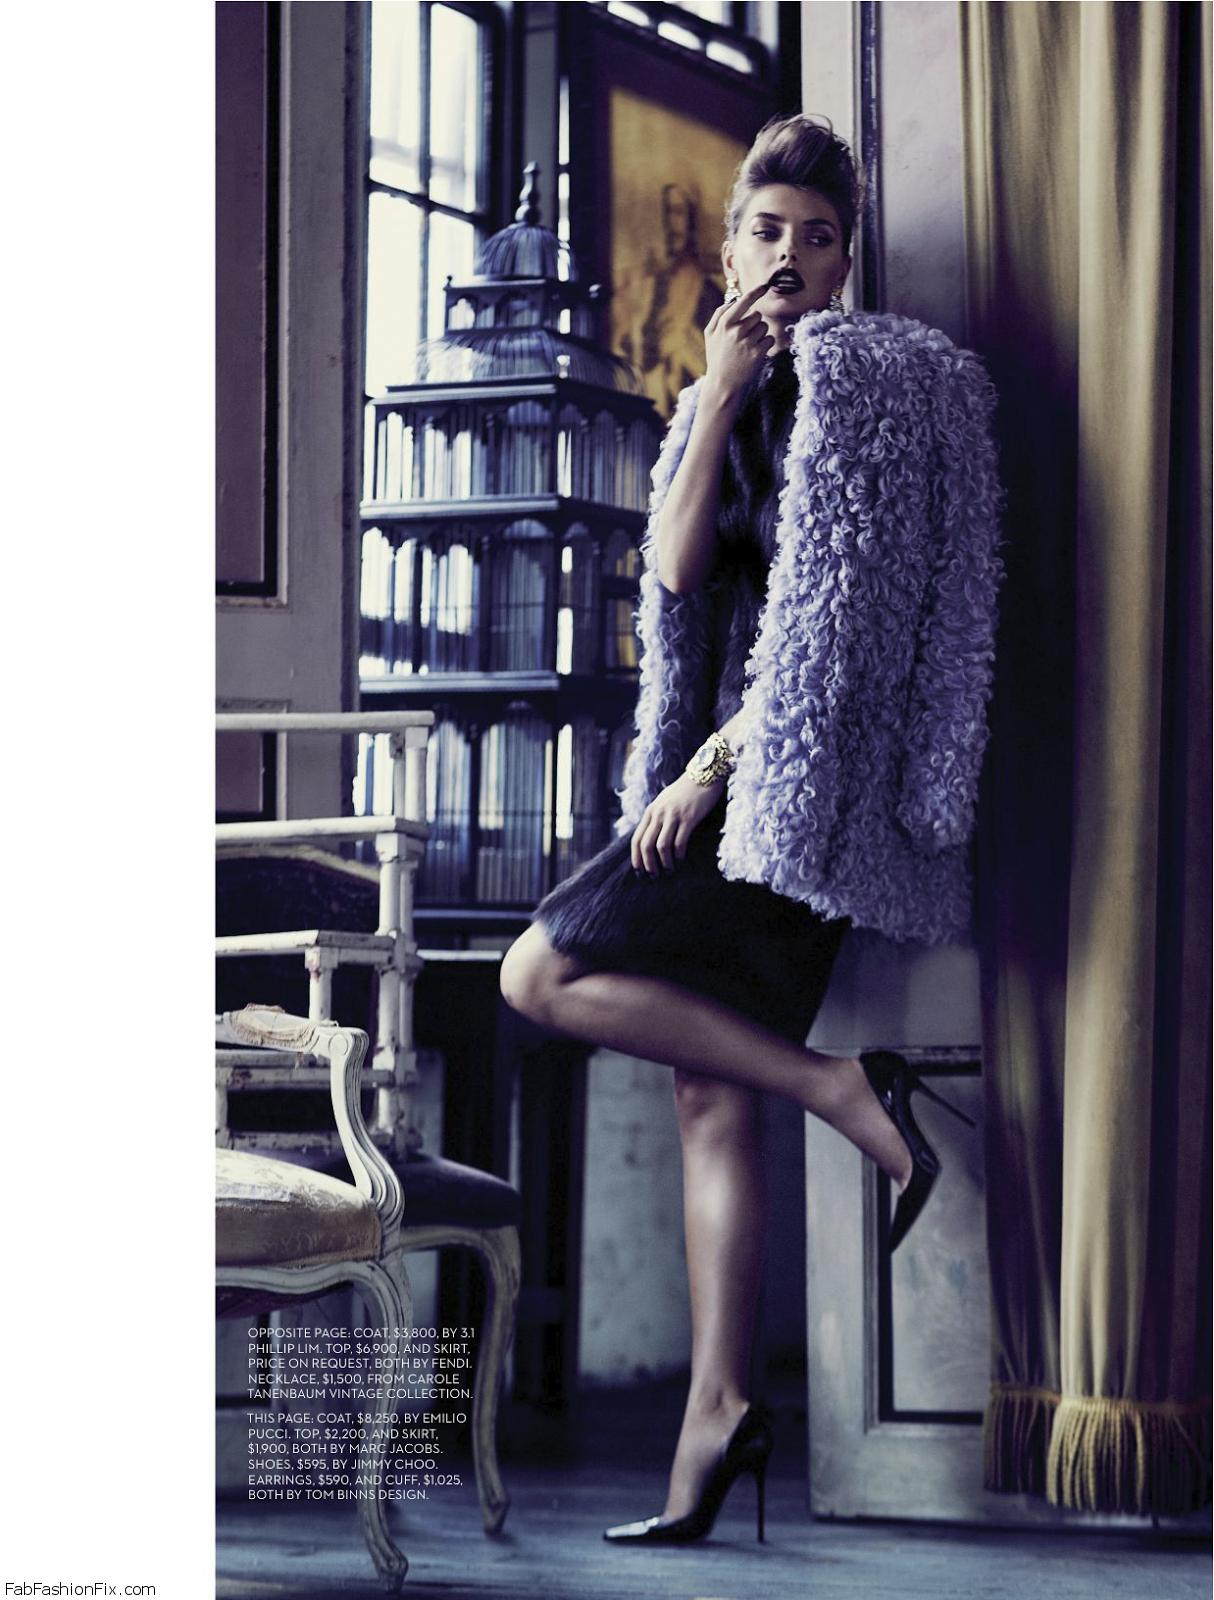 Fashion_2013_11 (dragged) 5